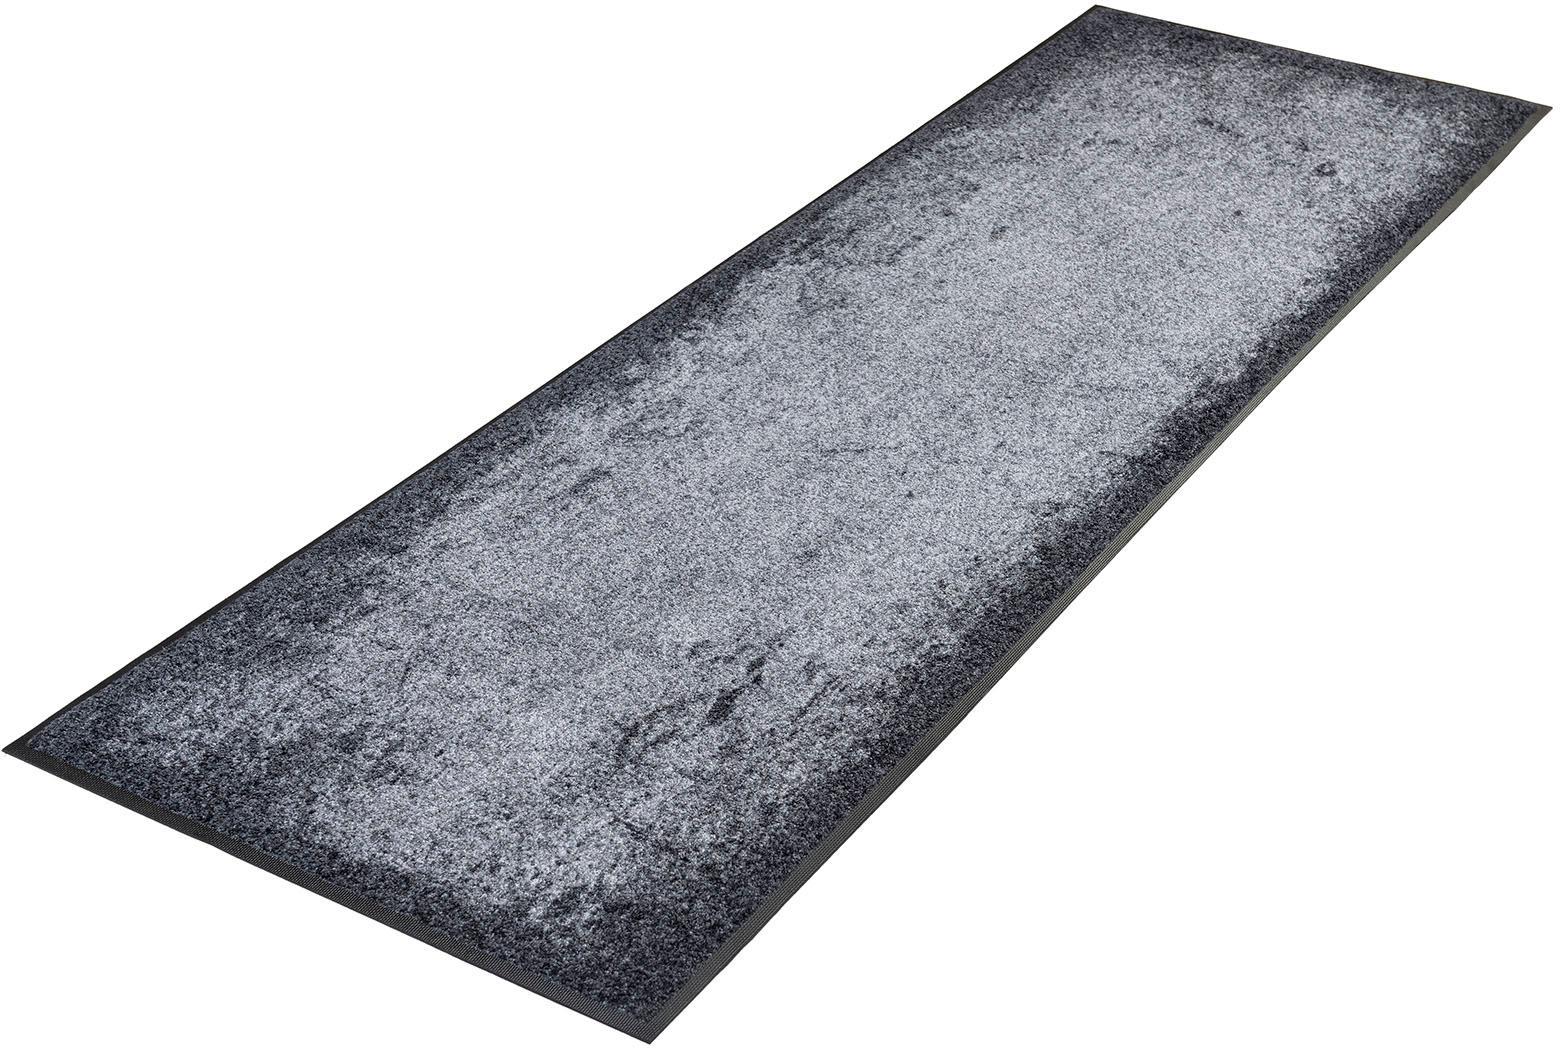 Läufer Shades of Grey wash+dry by Kleen-Tex rechteckig Höhe 7 mm gedruckt